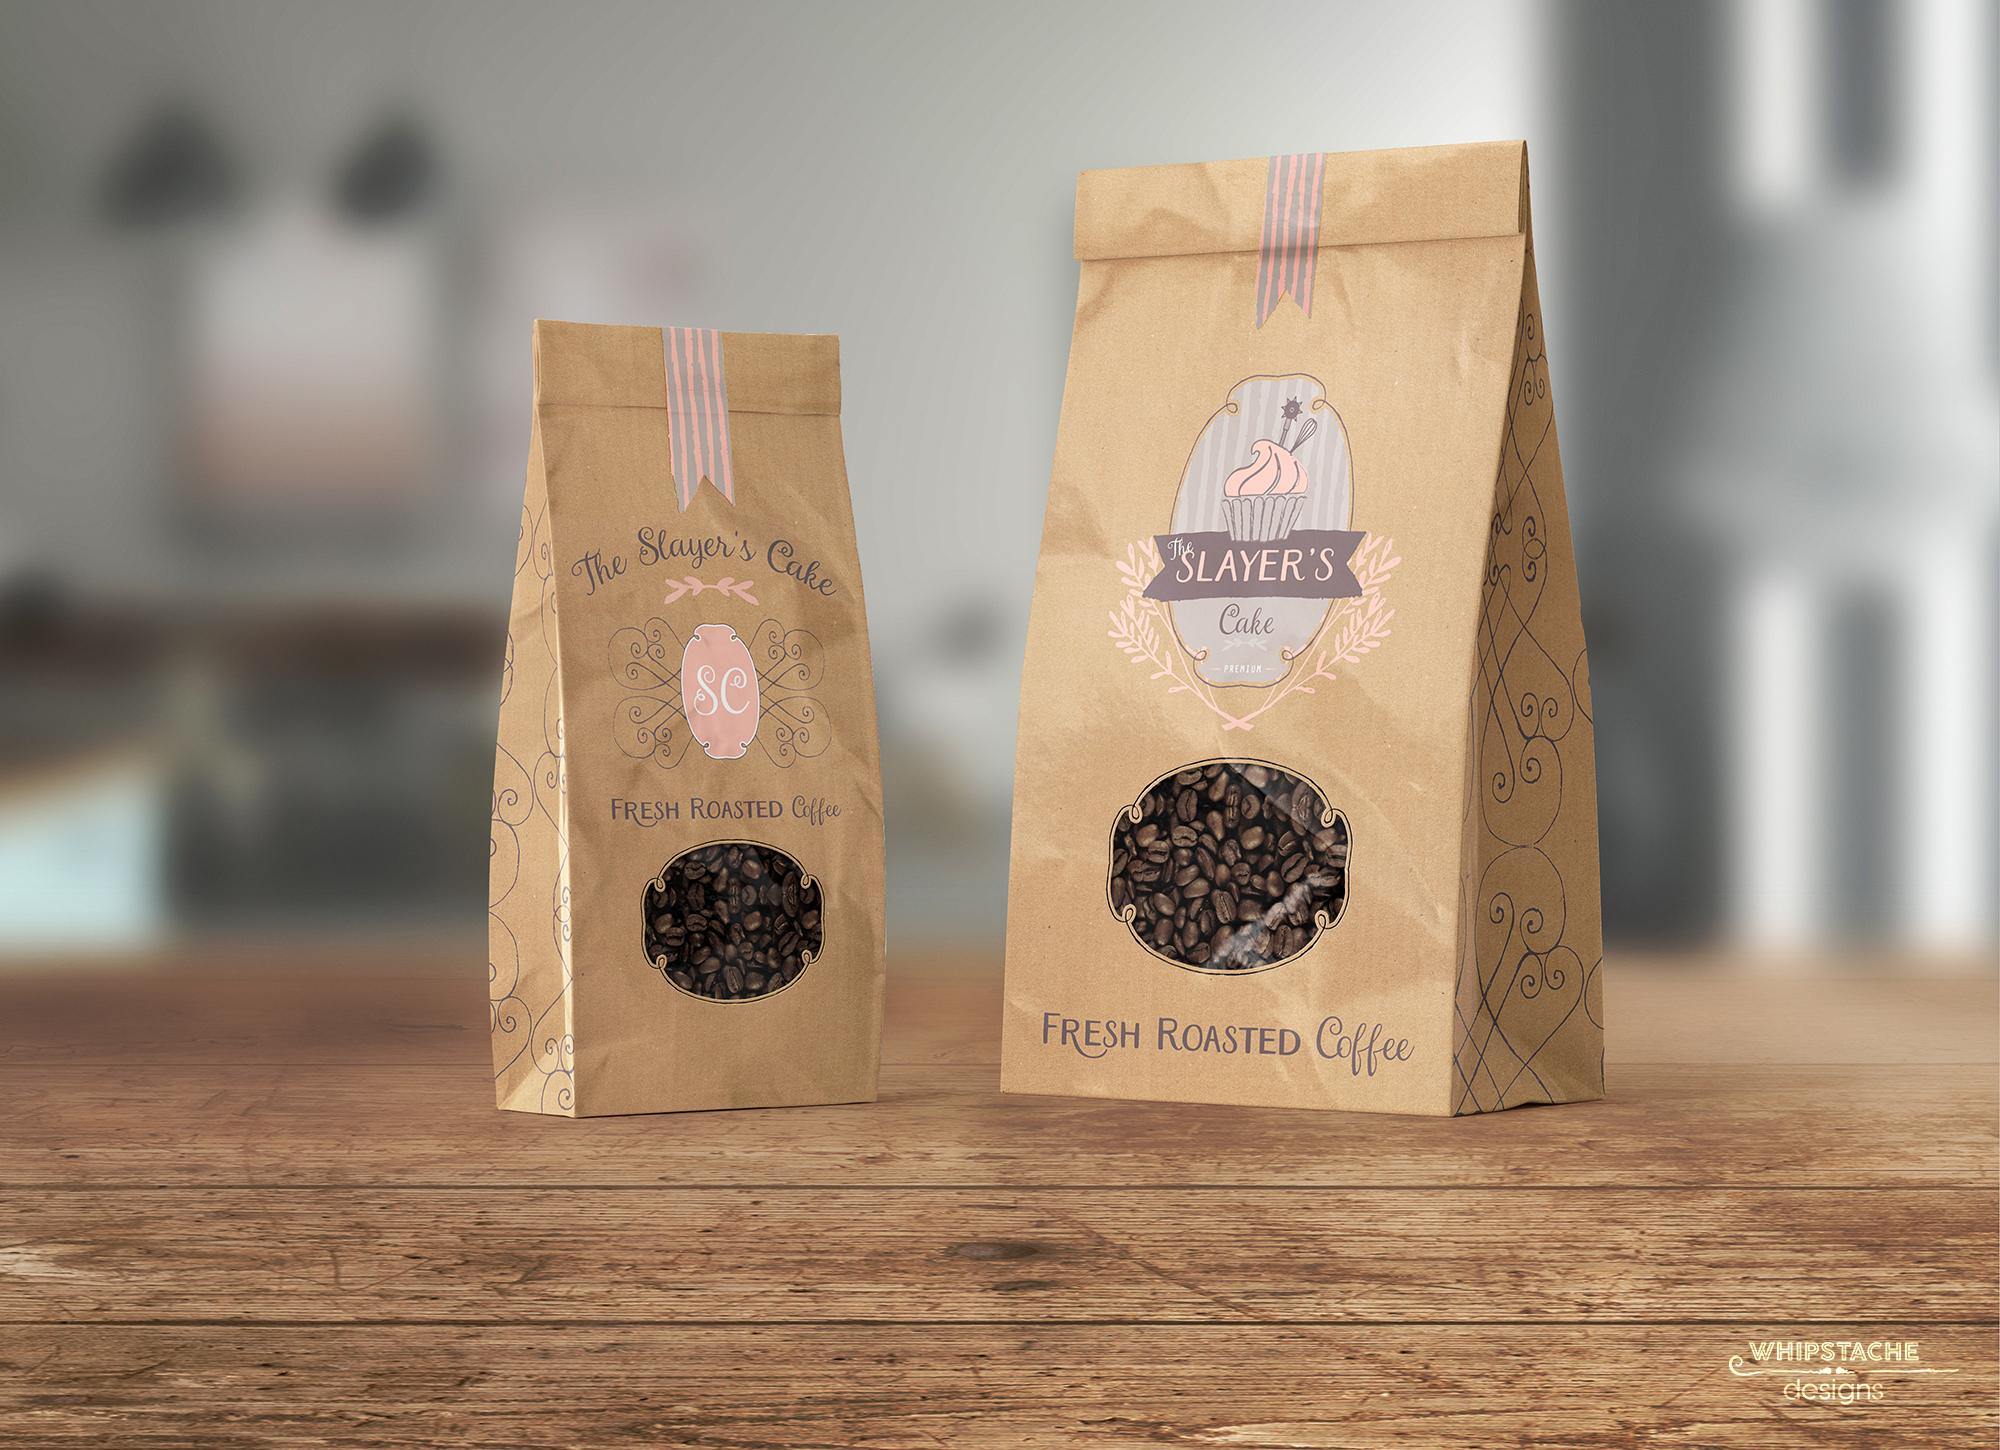 Slayers Cake Coffee Bag Mockups@0,5x